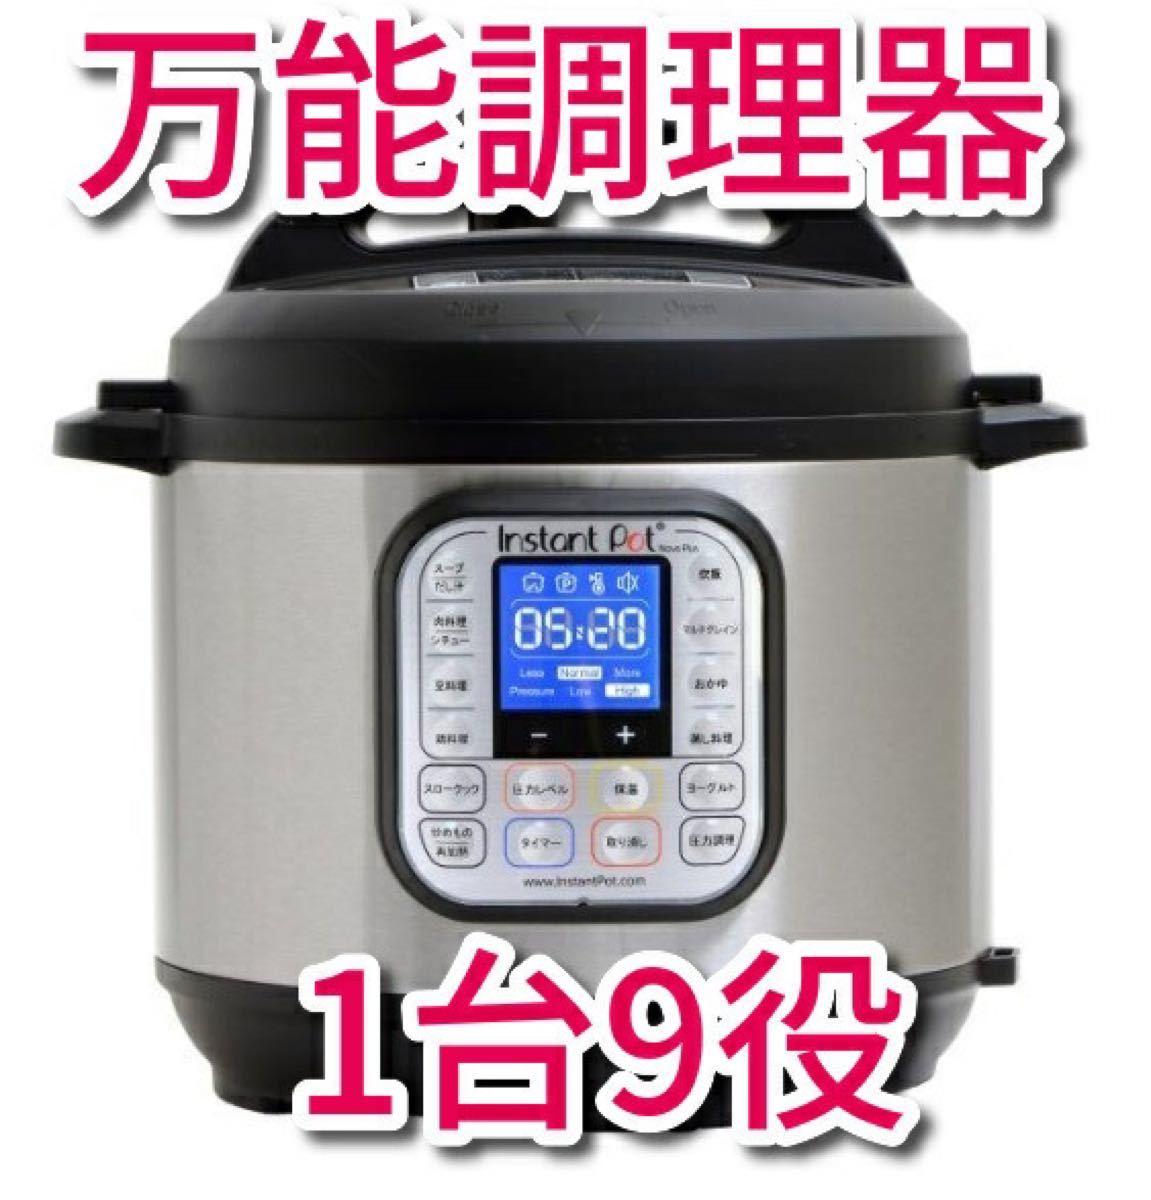 インスタントポット 電気圧力鍋 5.6L 1台9役マルチクッカー